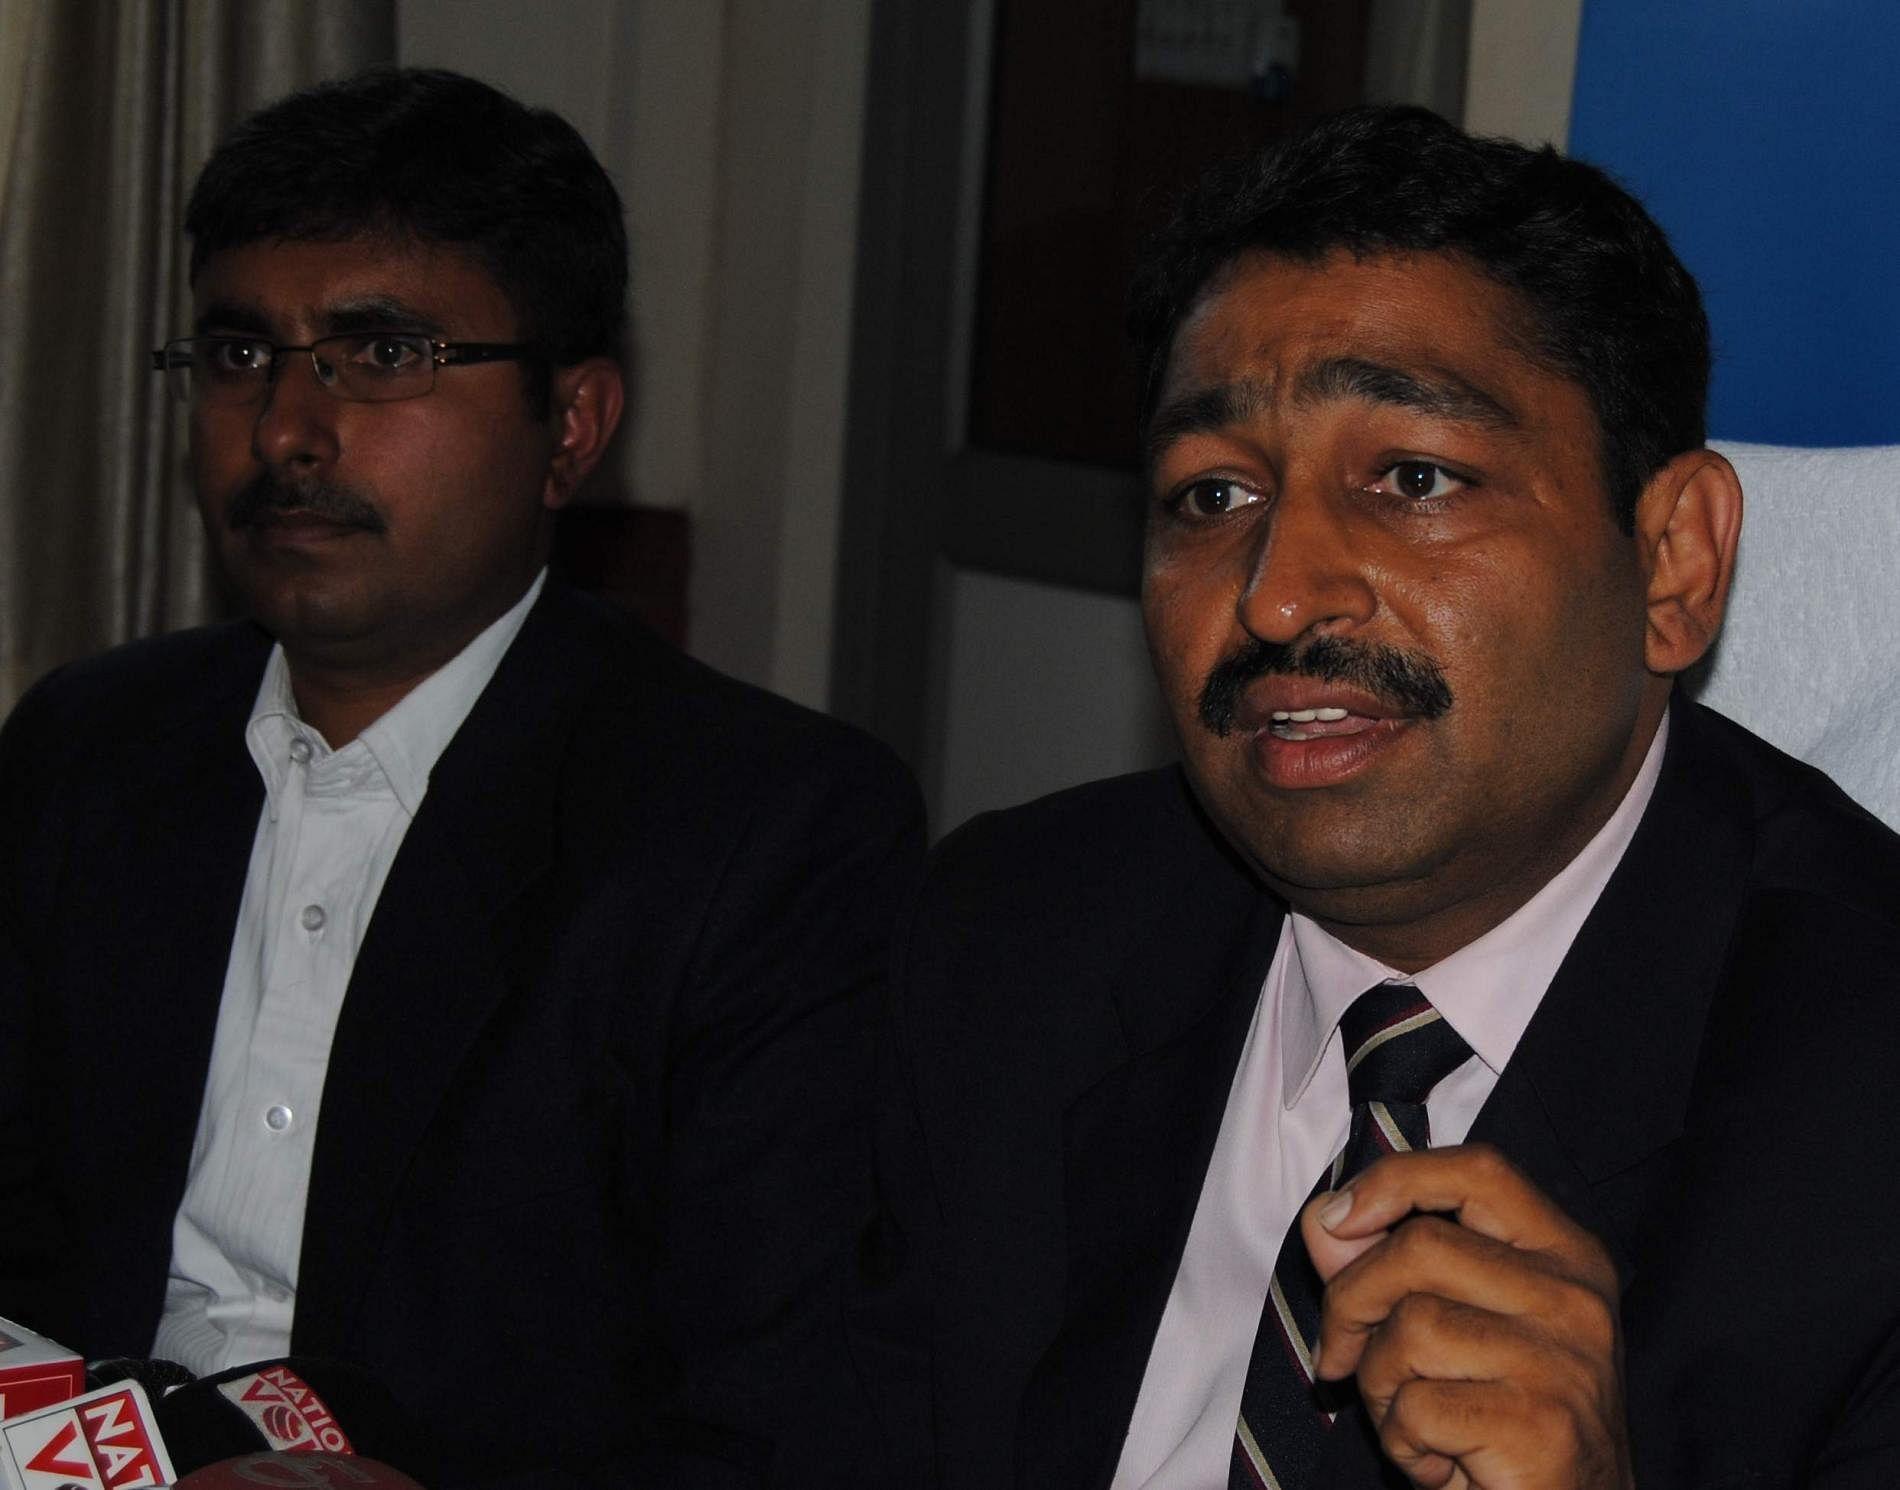 'खाकी में इंसान' को चरितार्थ करते हैं आईपीएस अशोक कुमार,तराई के अपराध को खत्म करने में अहम भूमिका